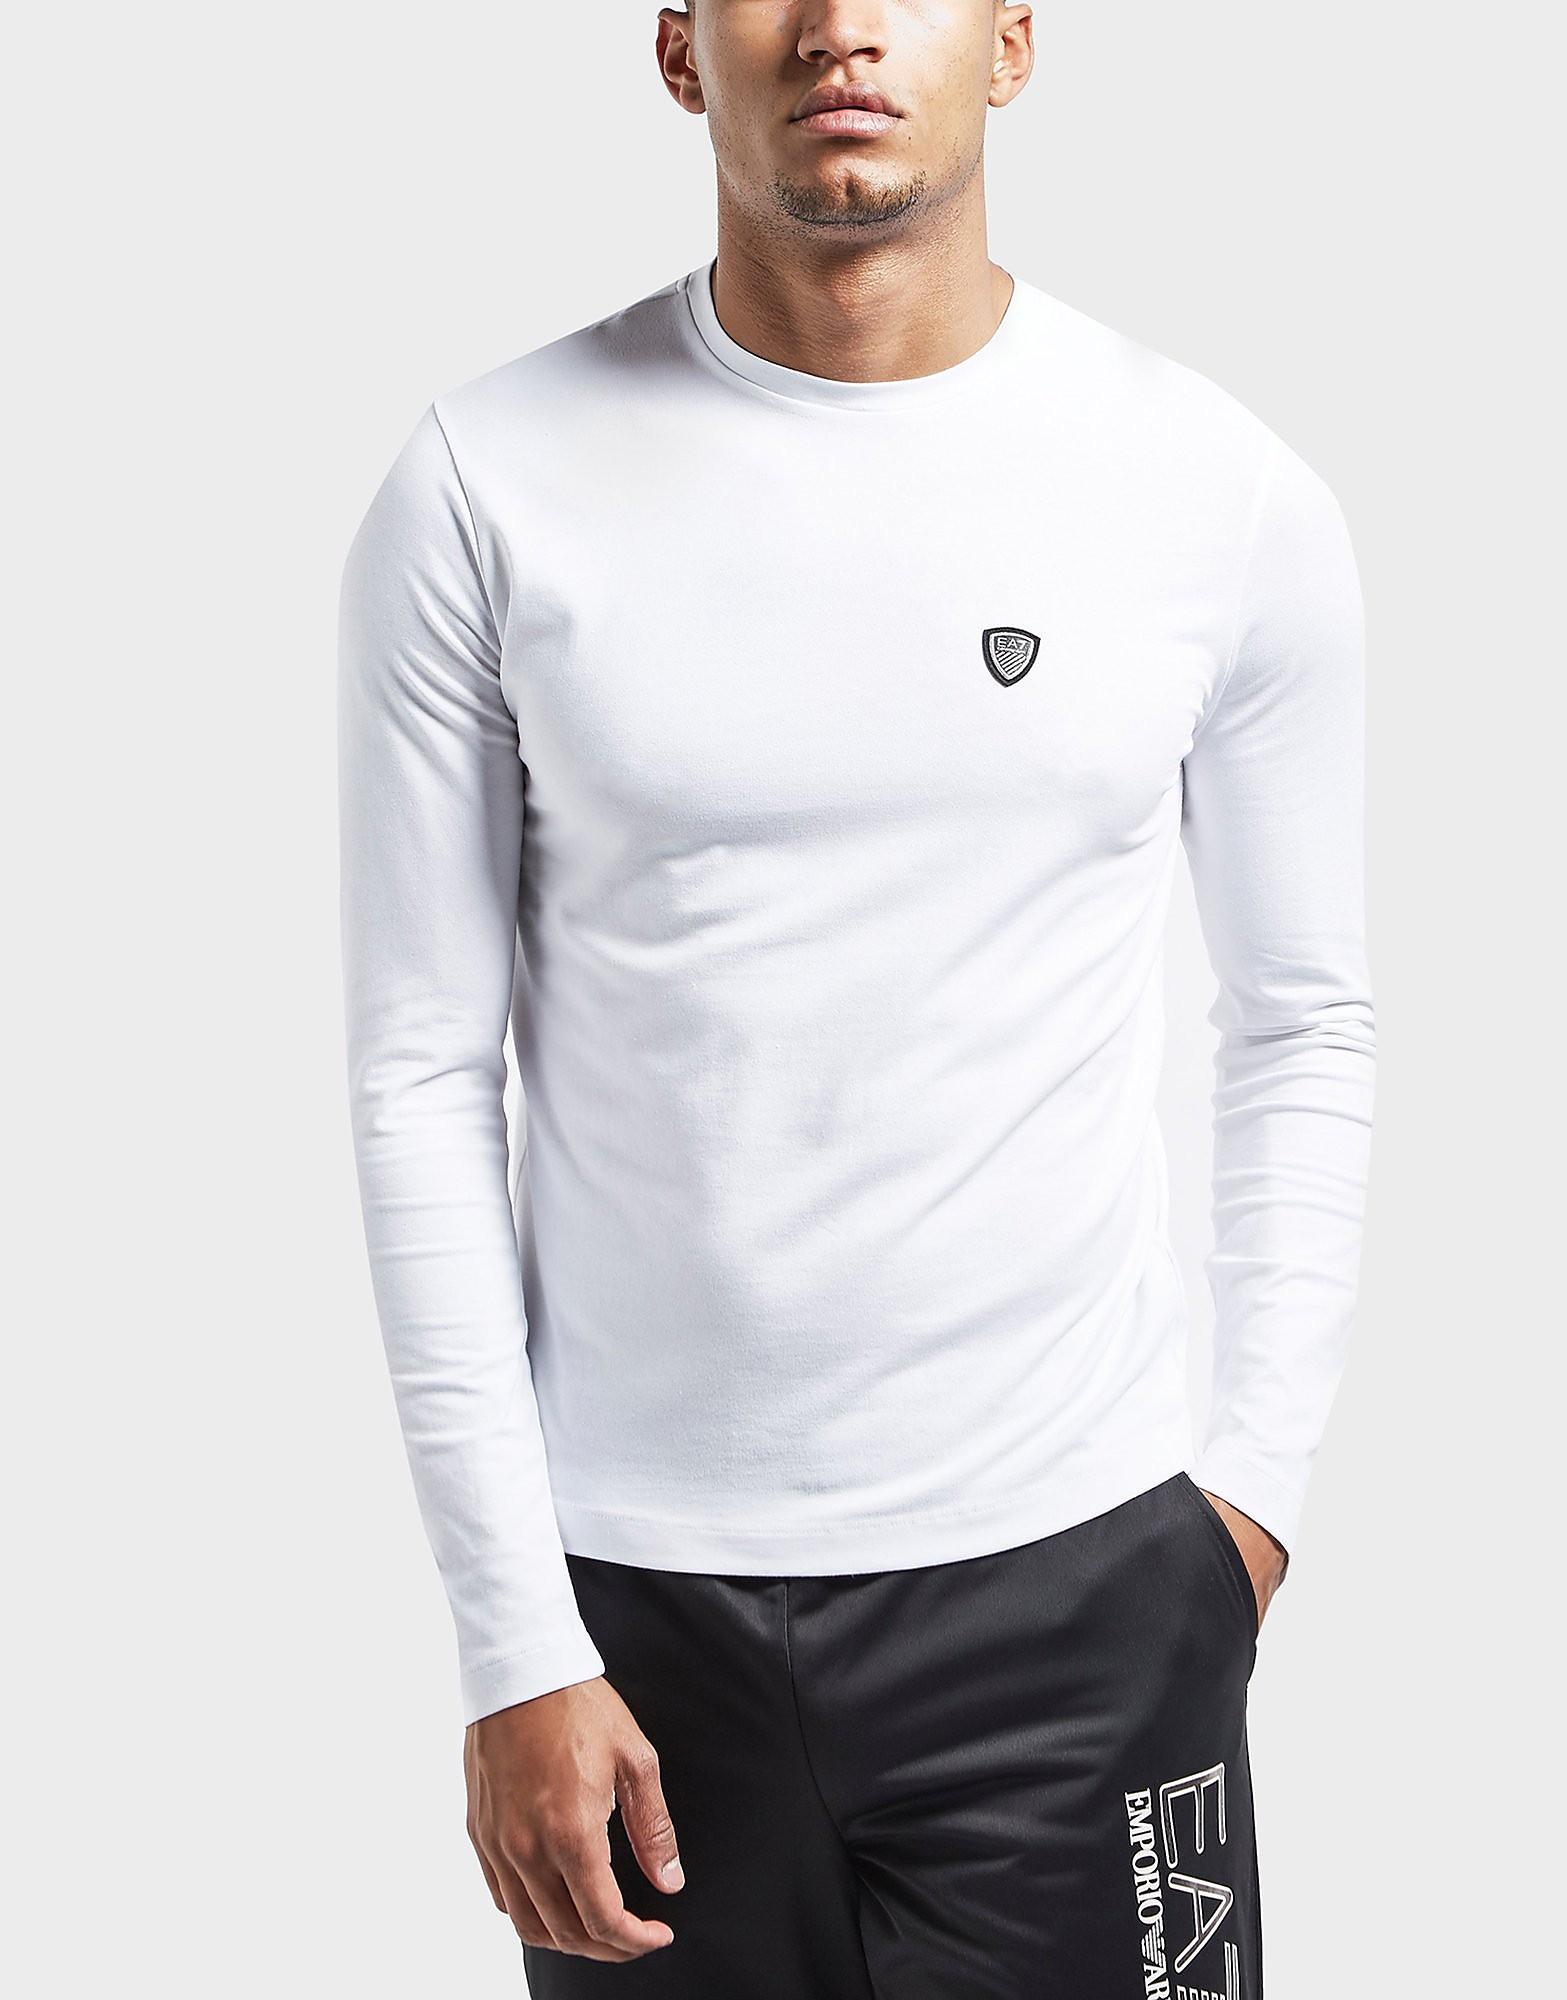 Emporio Armani EA7 Soccer Long Sleeve T-Shirt